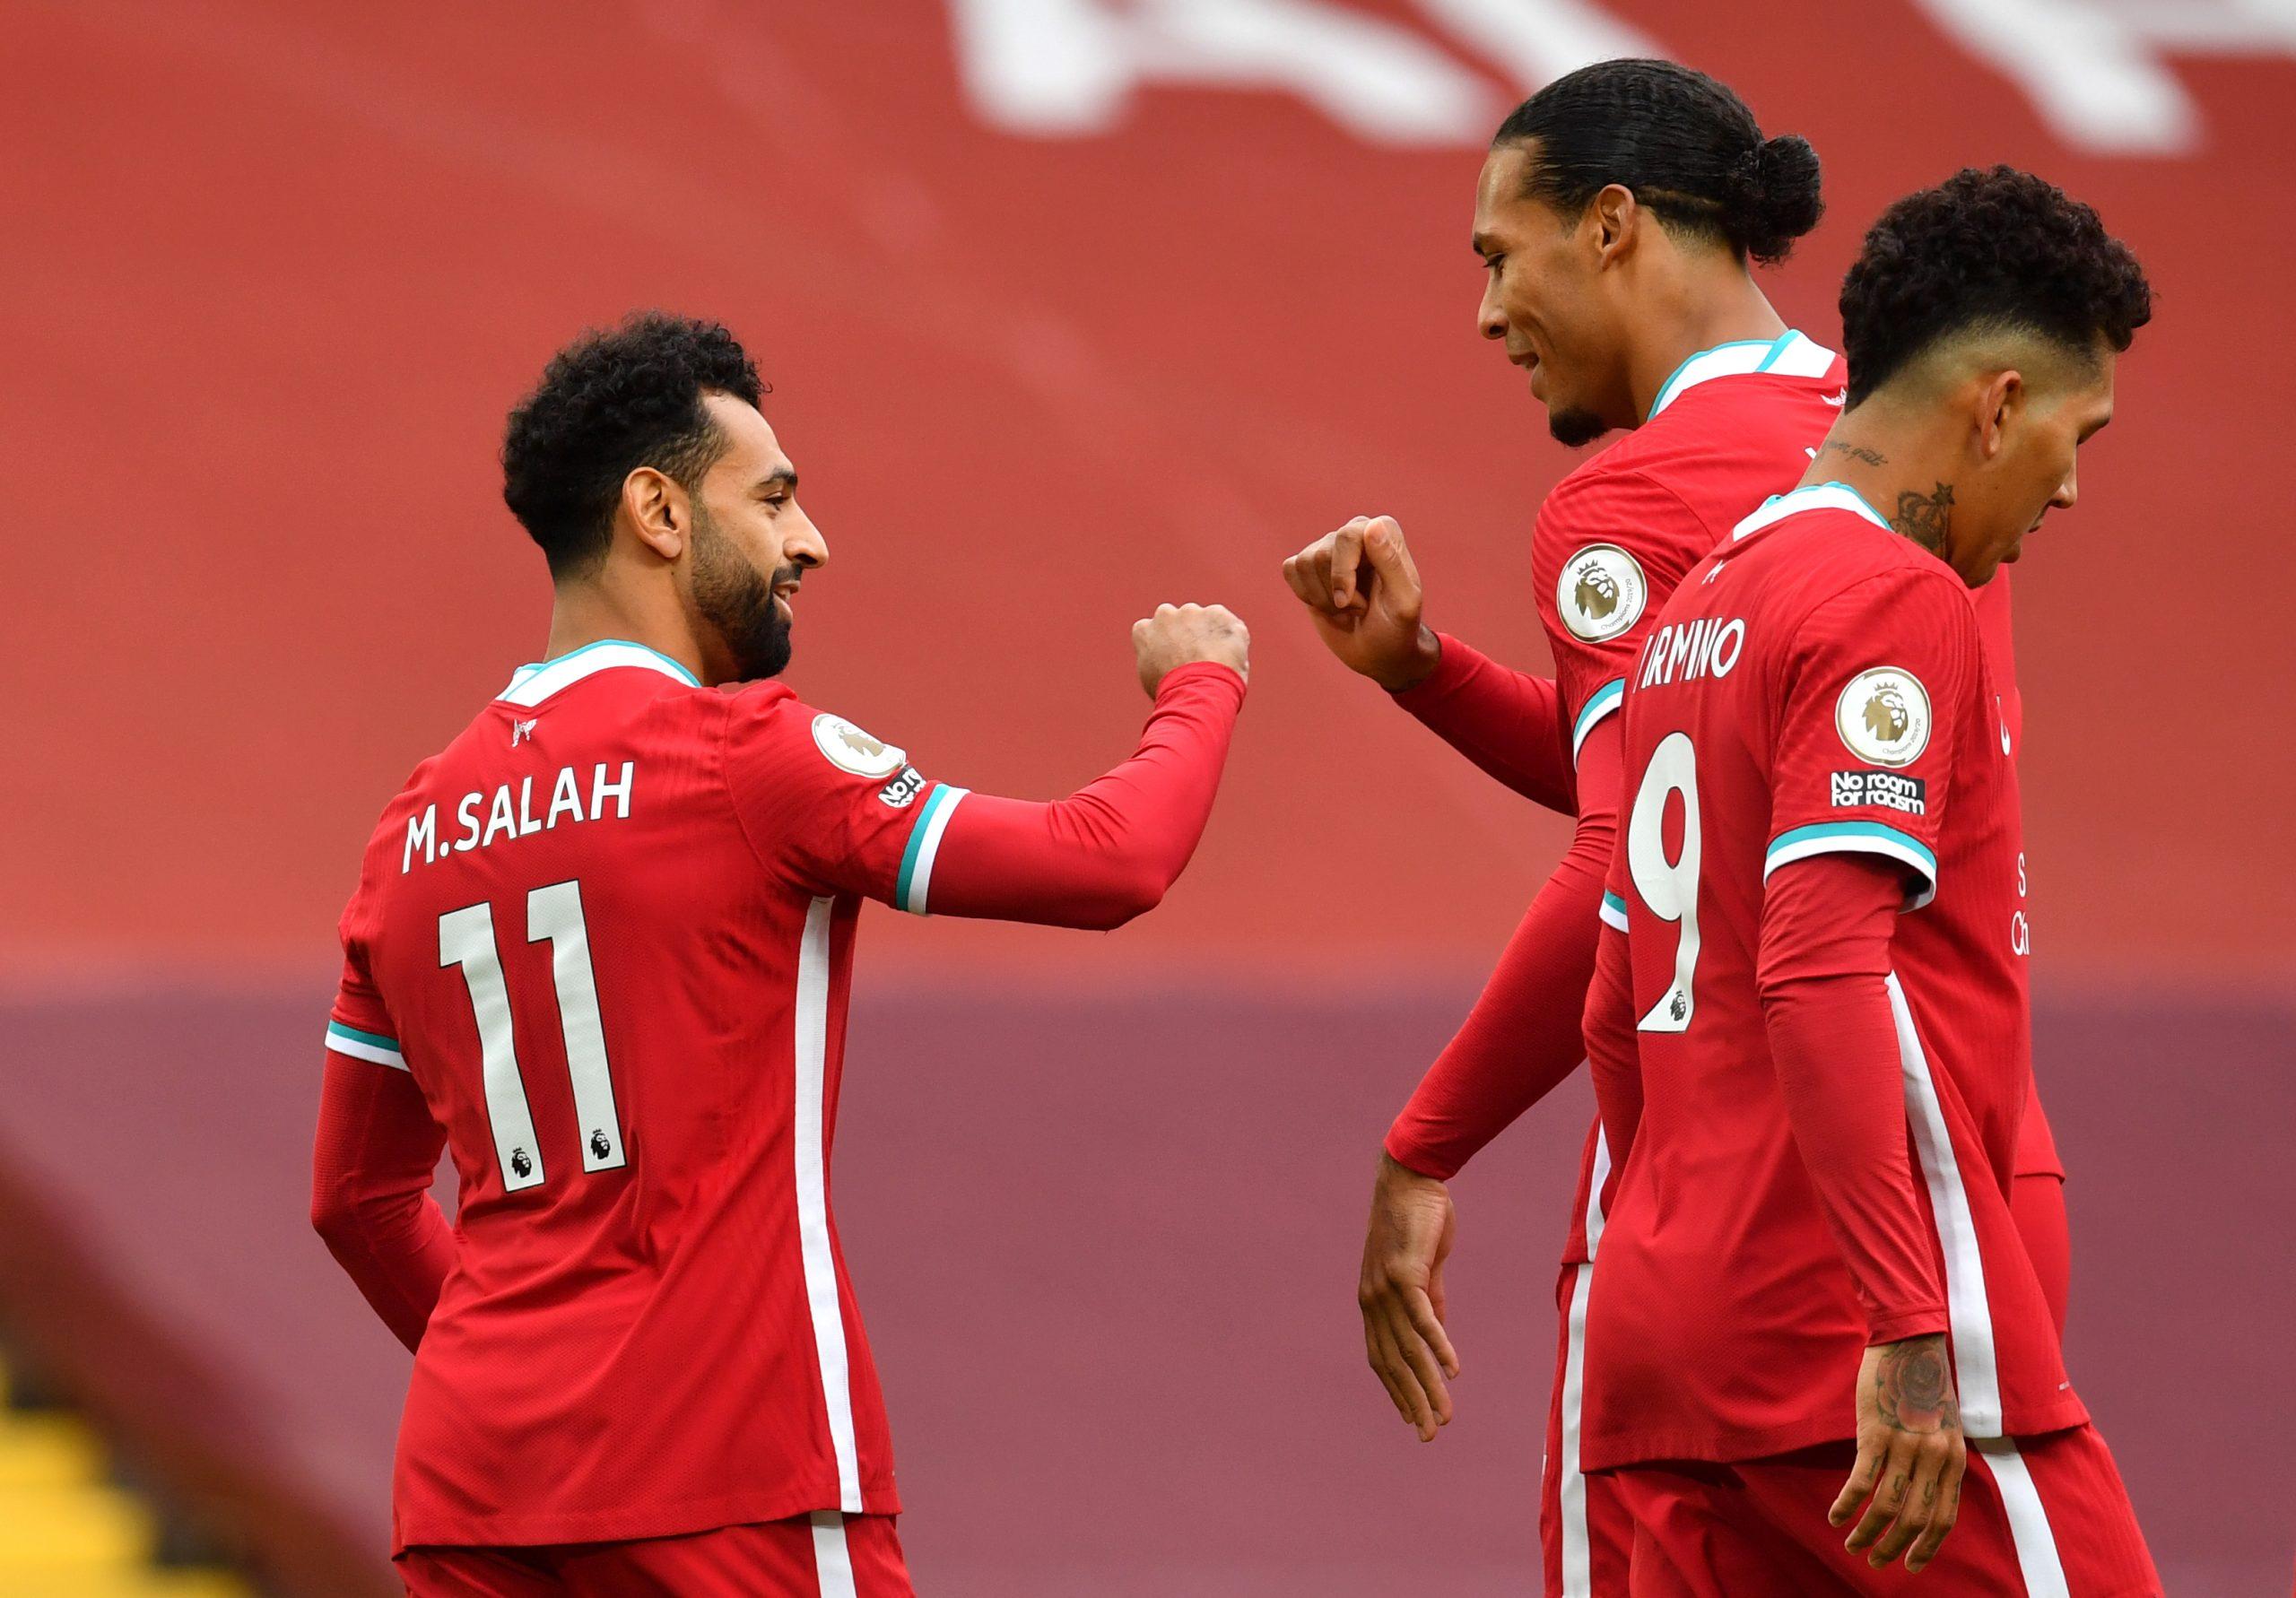 Mohamed Salah Anfield